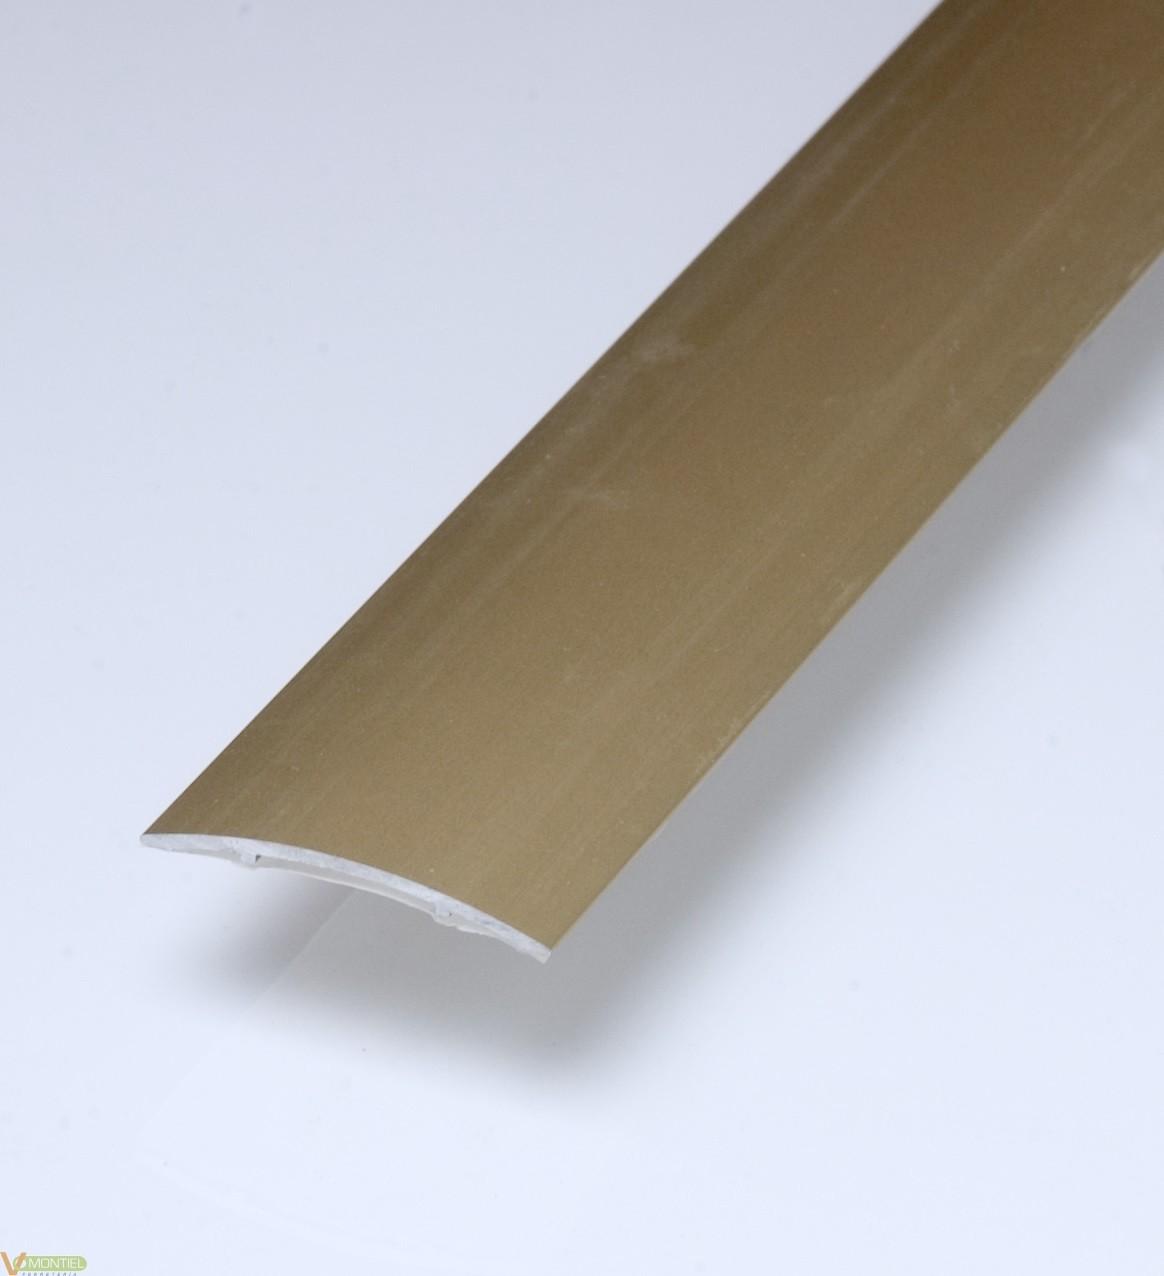 Pletina 1/2c adh 83cm media ca-0